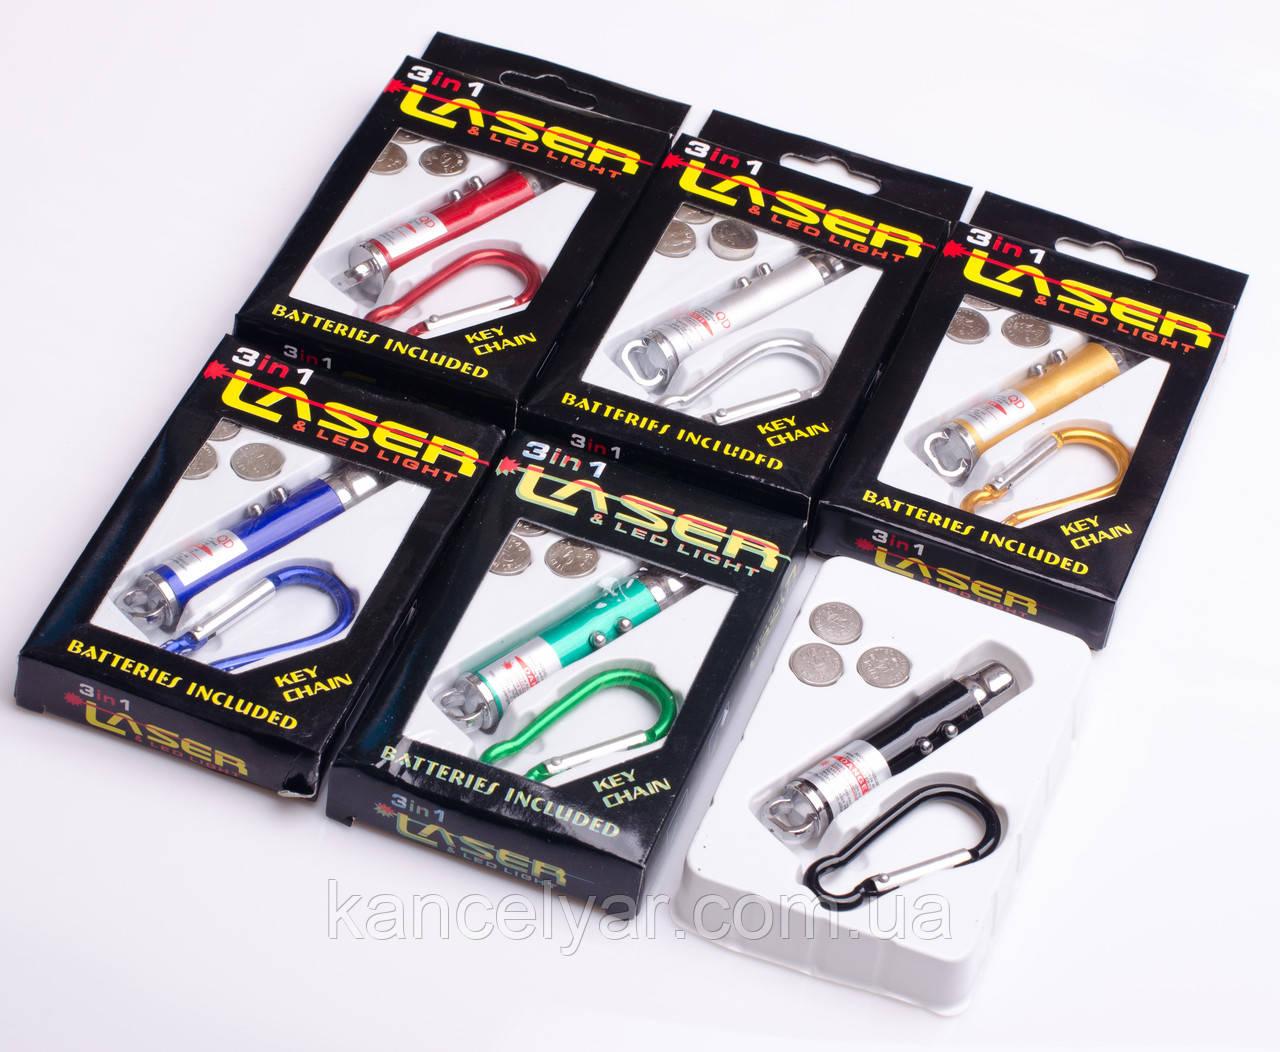 Лазерна указка з карабіном, 3 в 1: брелок, ліхтарик, лазер, в подарунковій упаковці, в асортименті